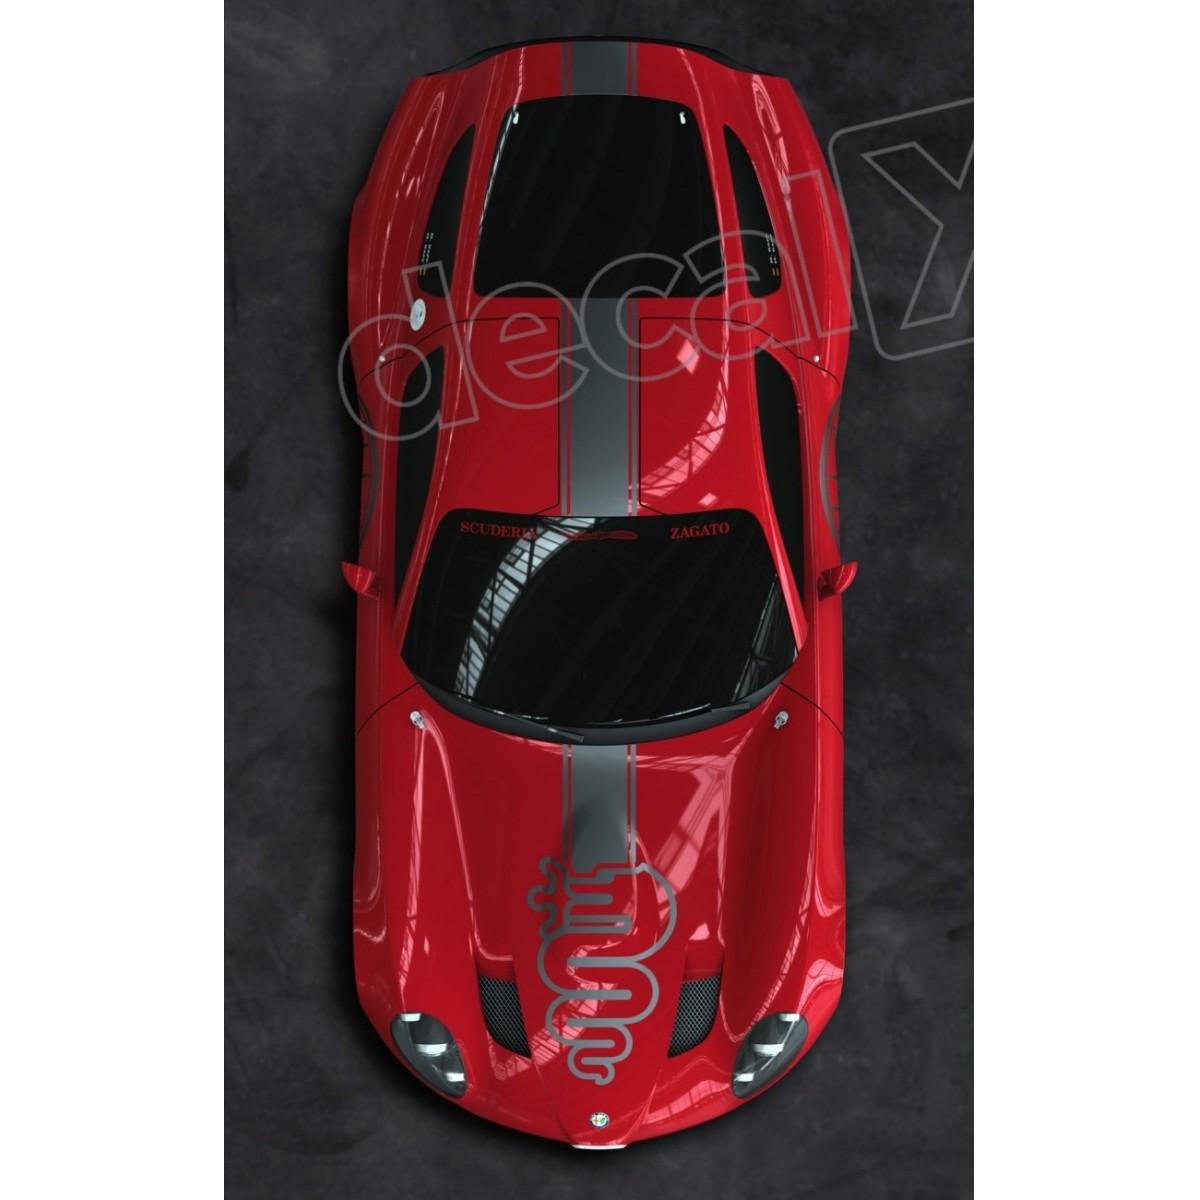 Adesivo Alfa Romeo Faixa Capo Teto Mala 3m Ct01